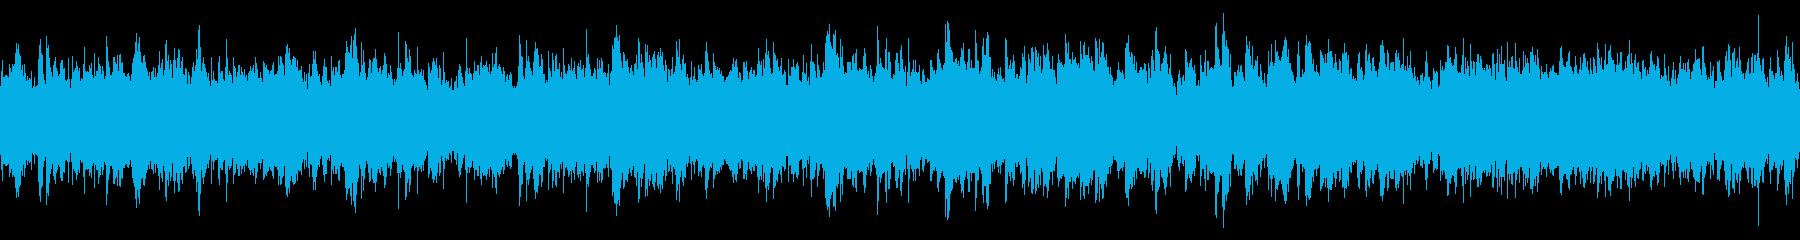 バカンス気分なループ用BGMの再生済みの波形